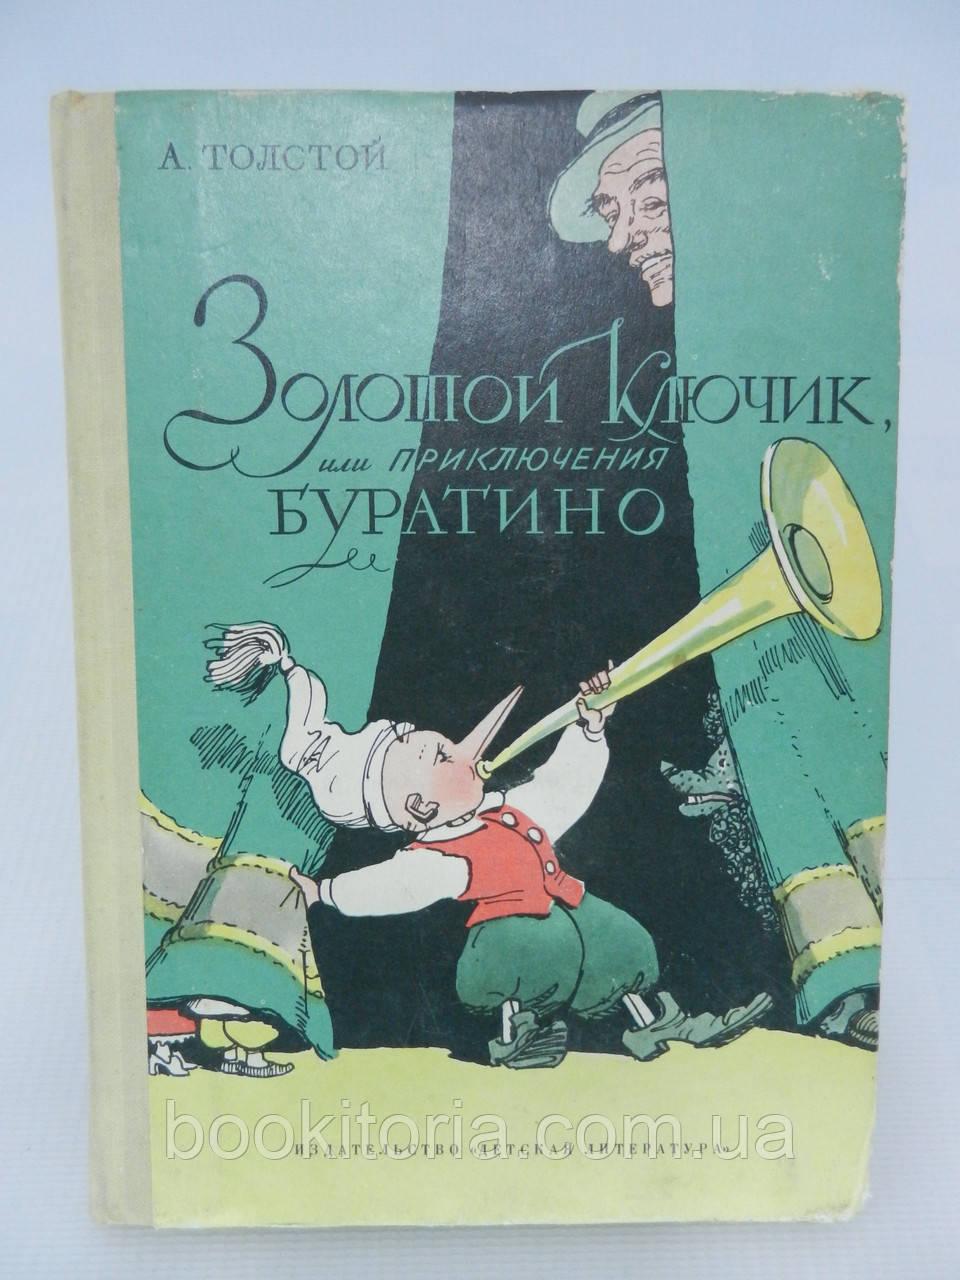 Толстой А. Золотой ключик, или Приключения Буратино (б/у).